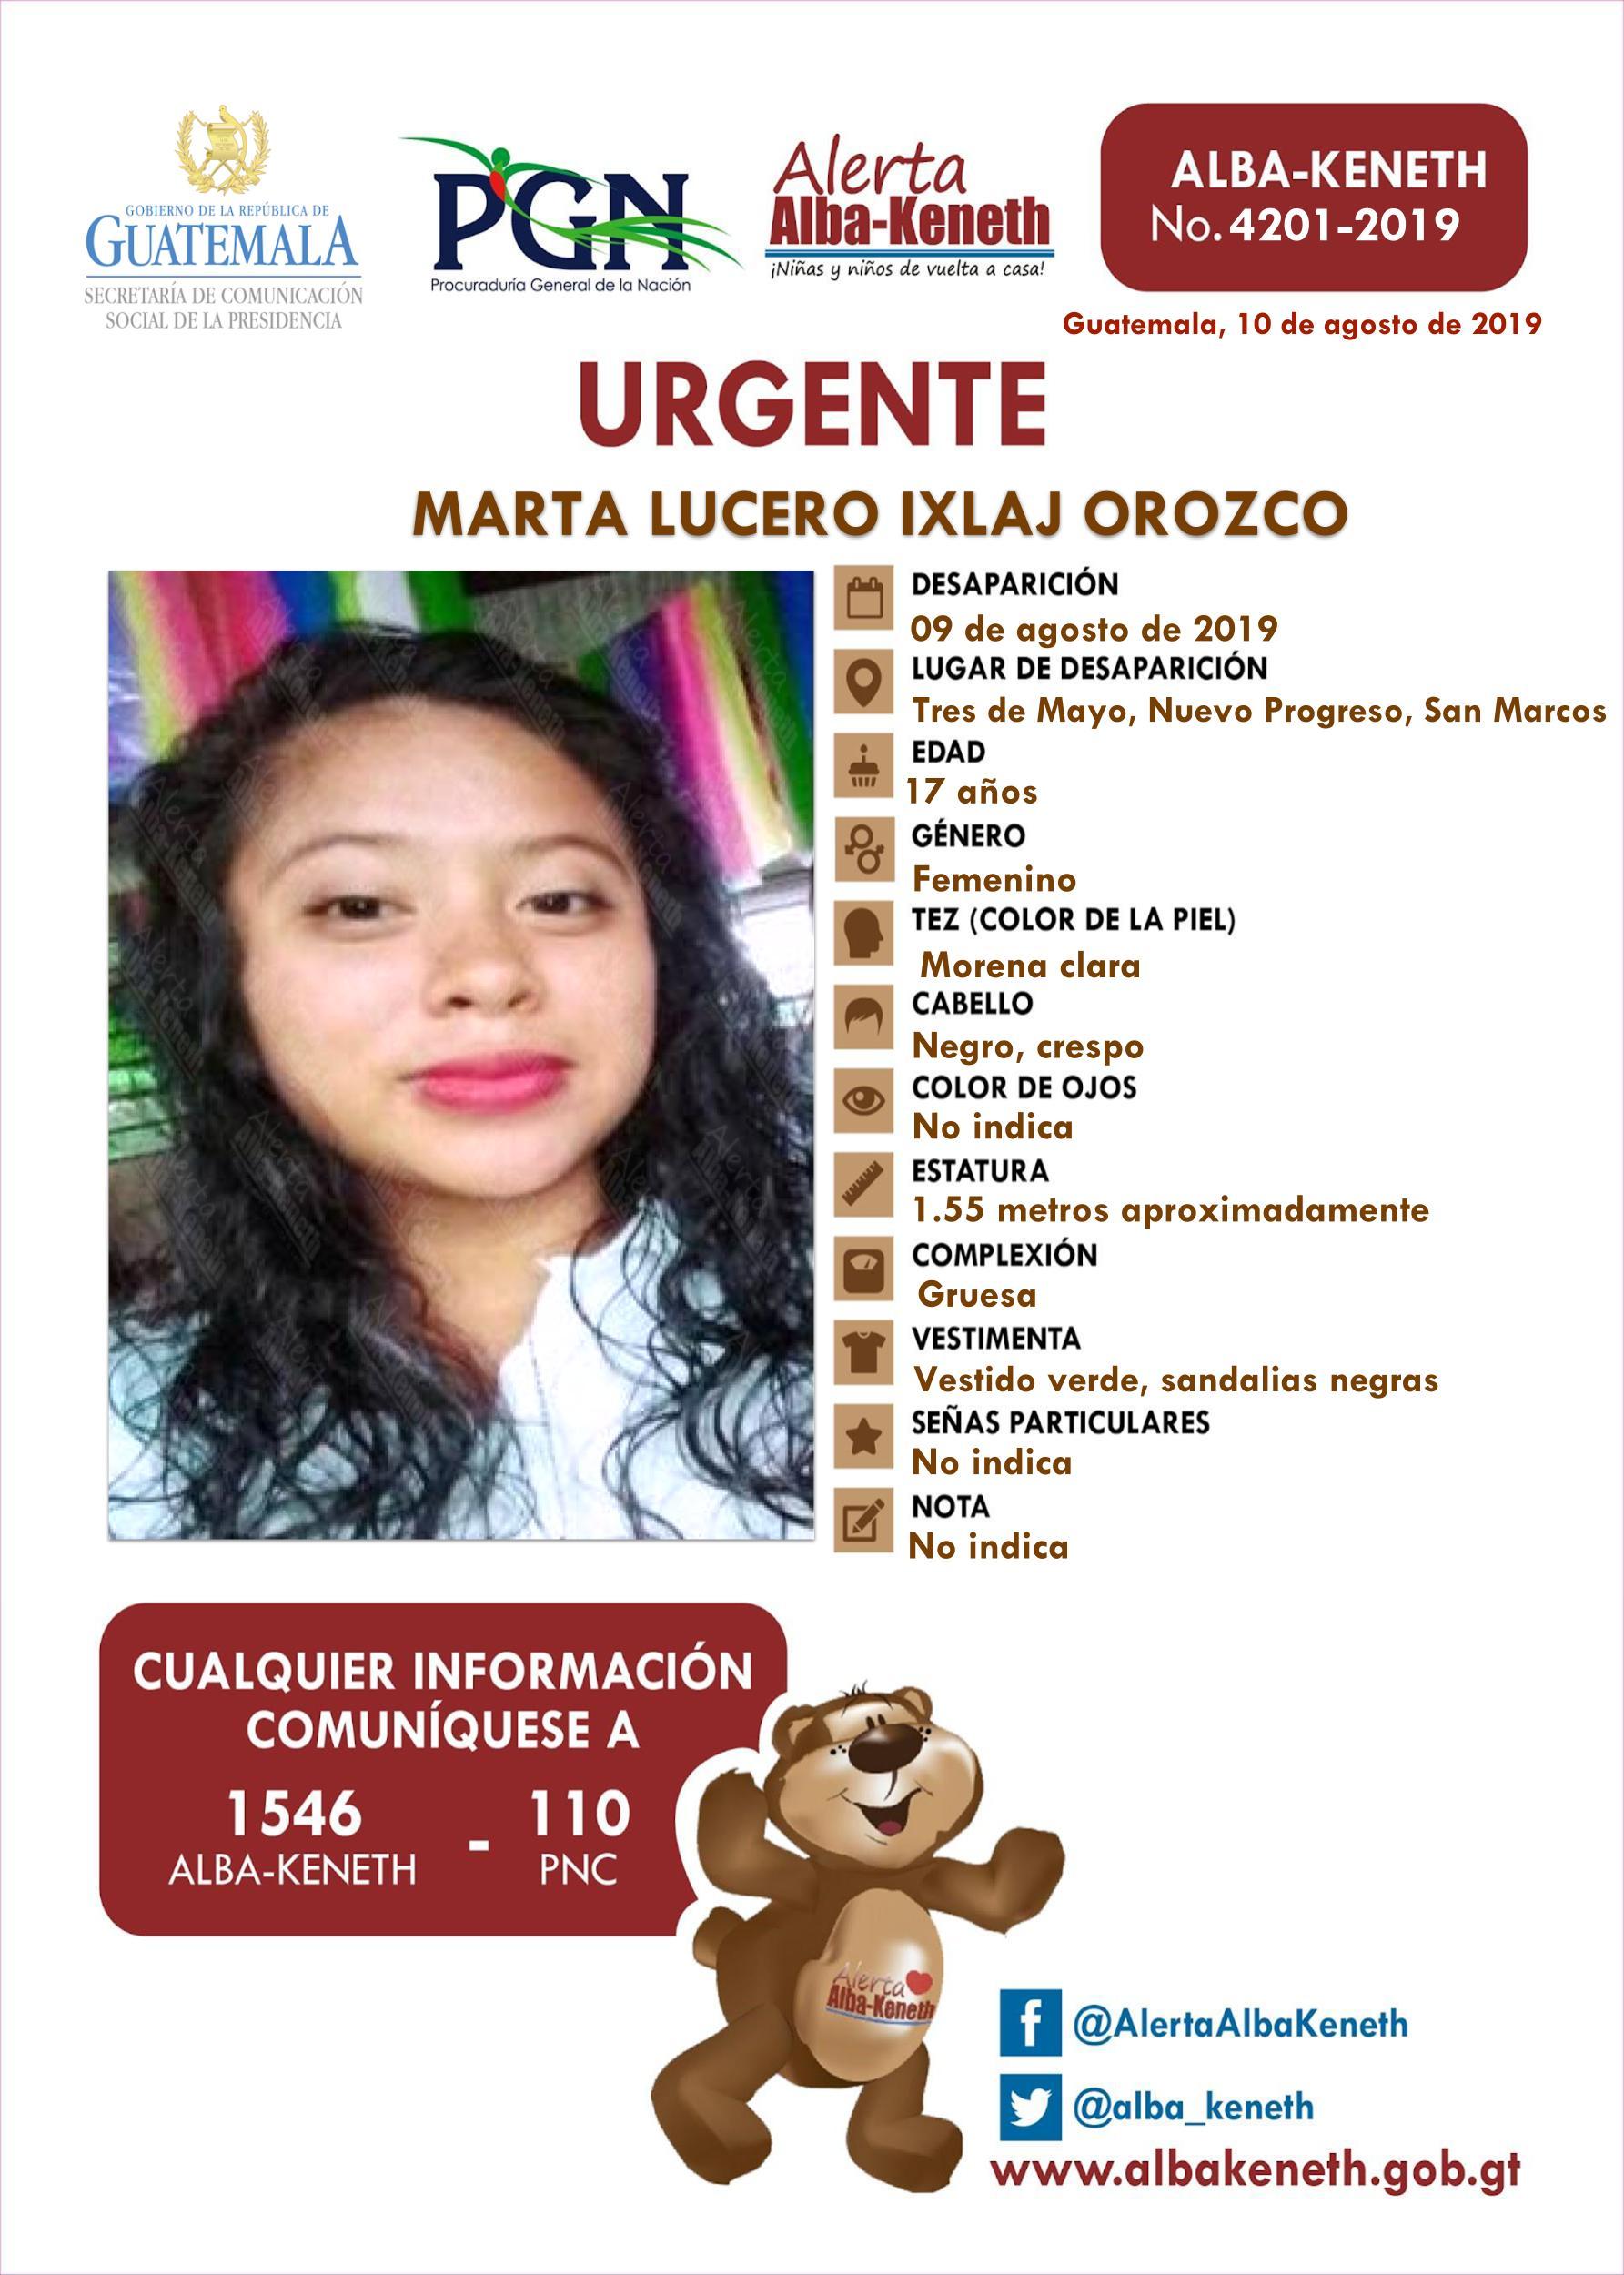 Marta Lucero Ixlaj Orozco